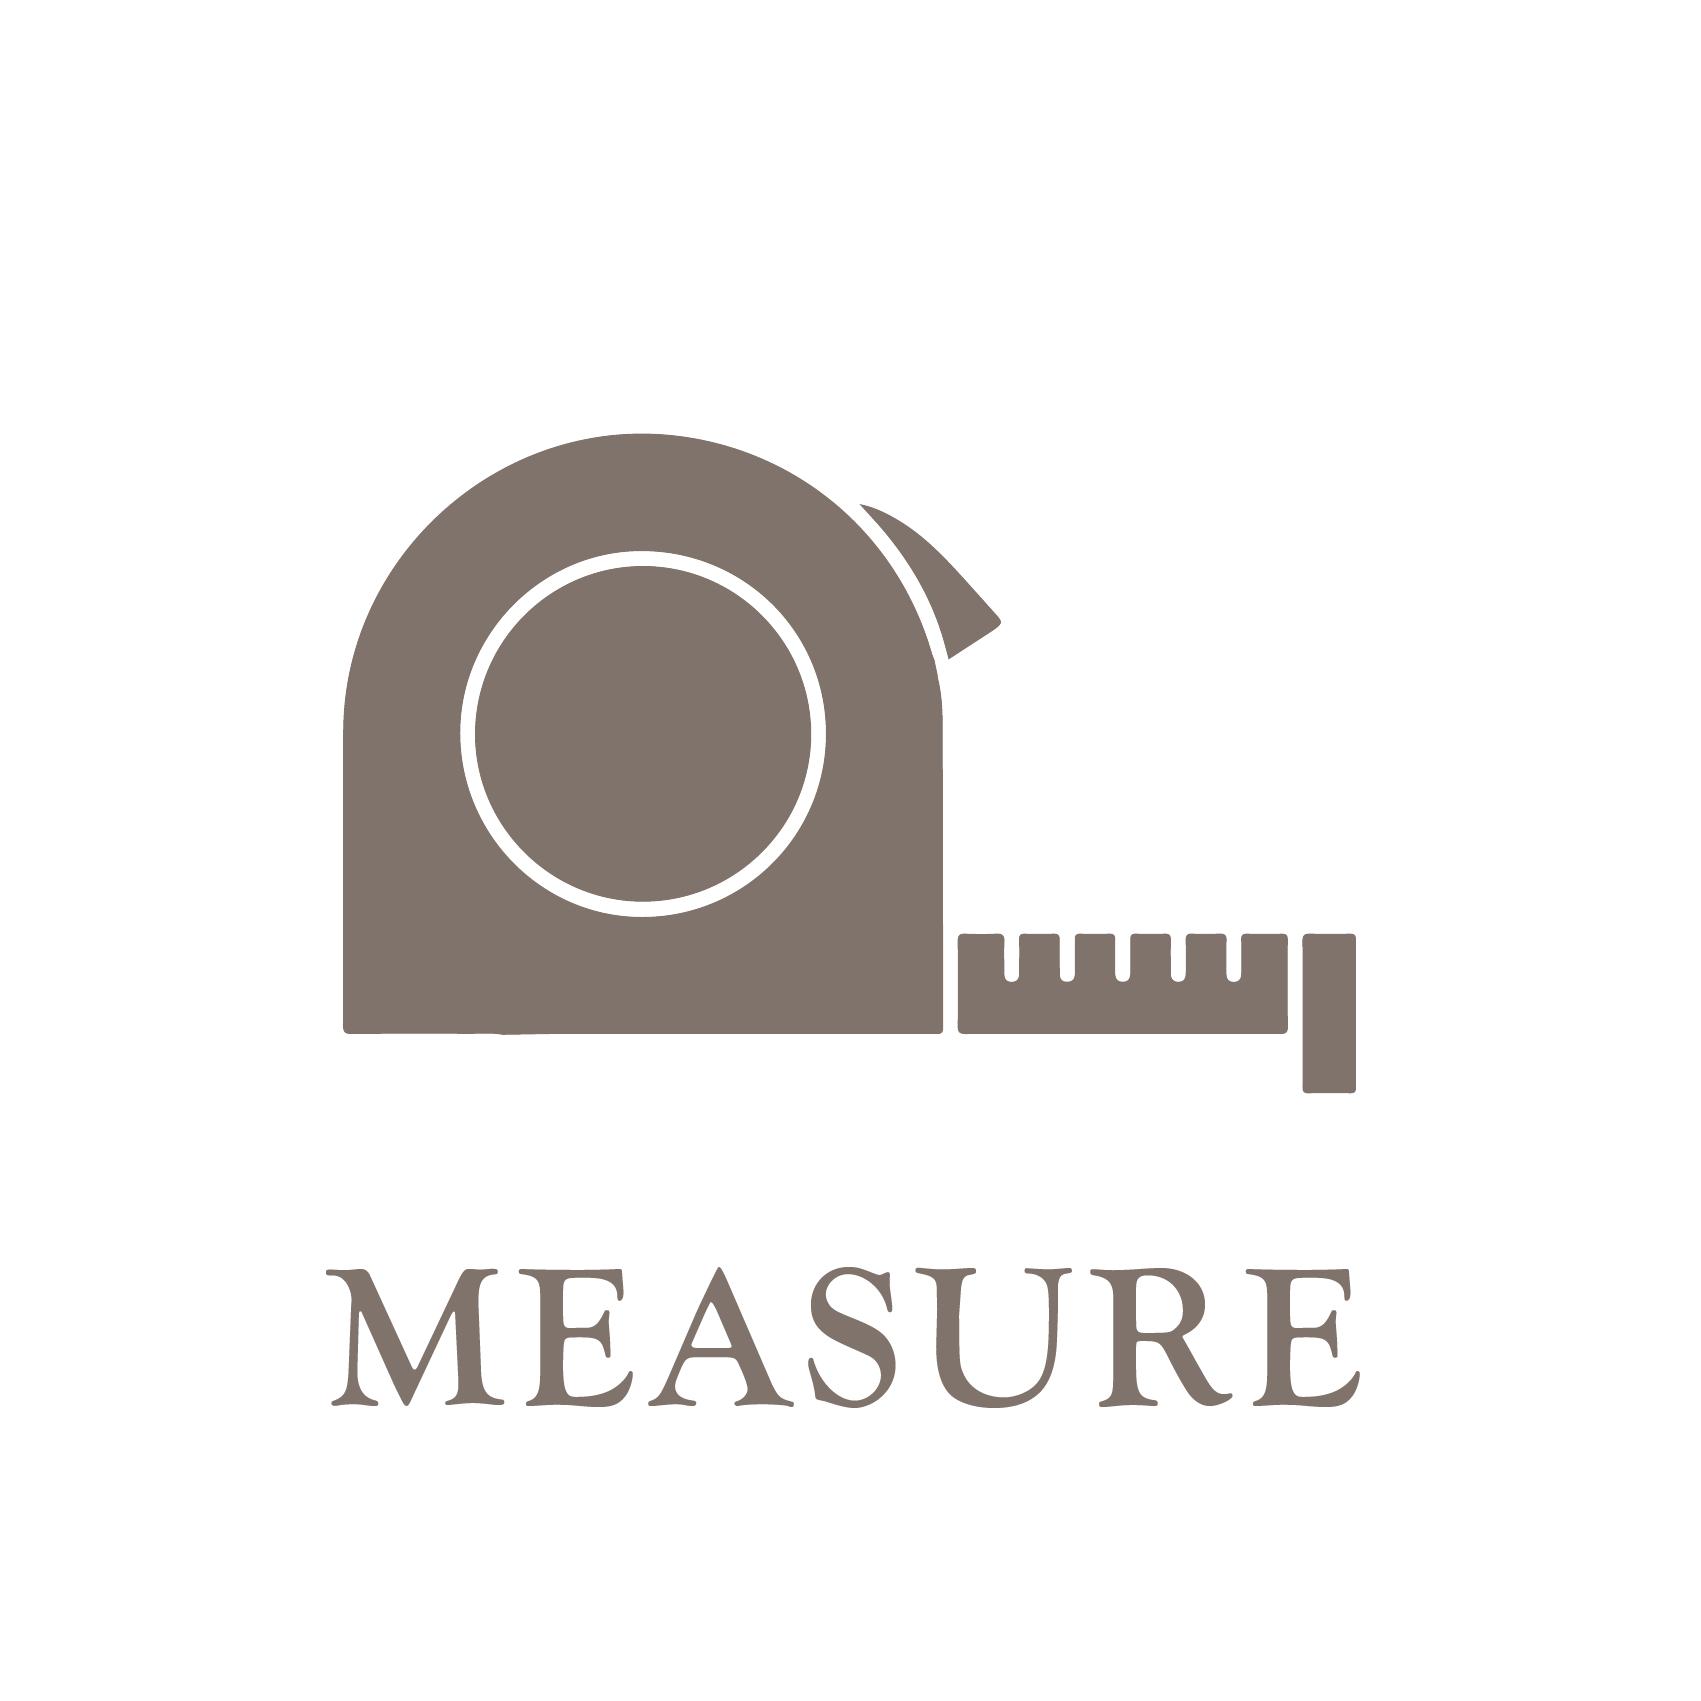 MEASURE-11.png